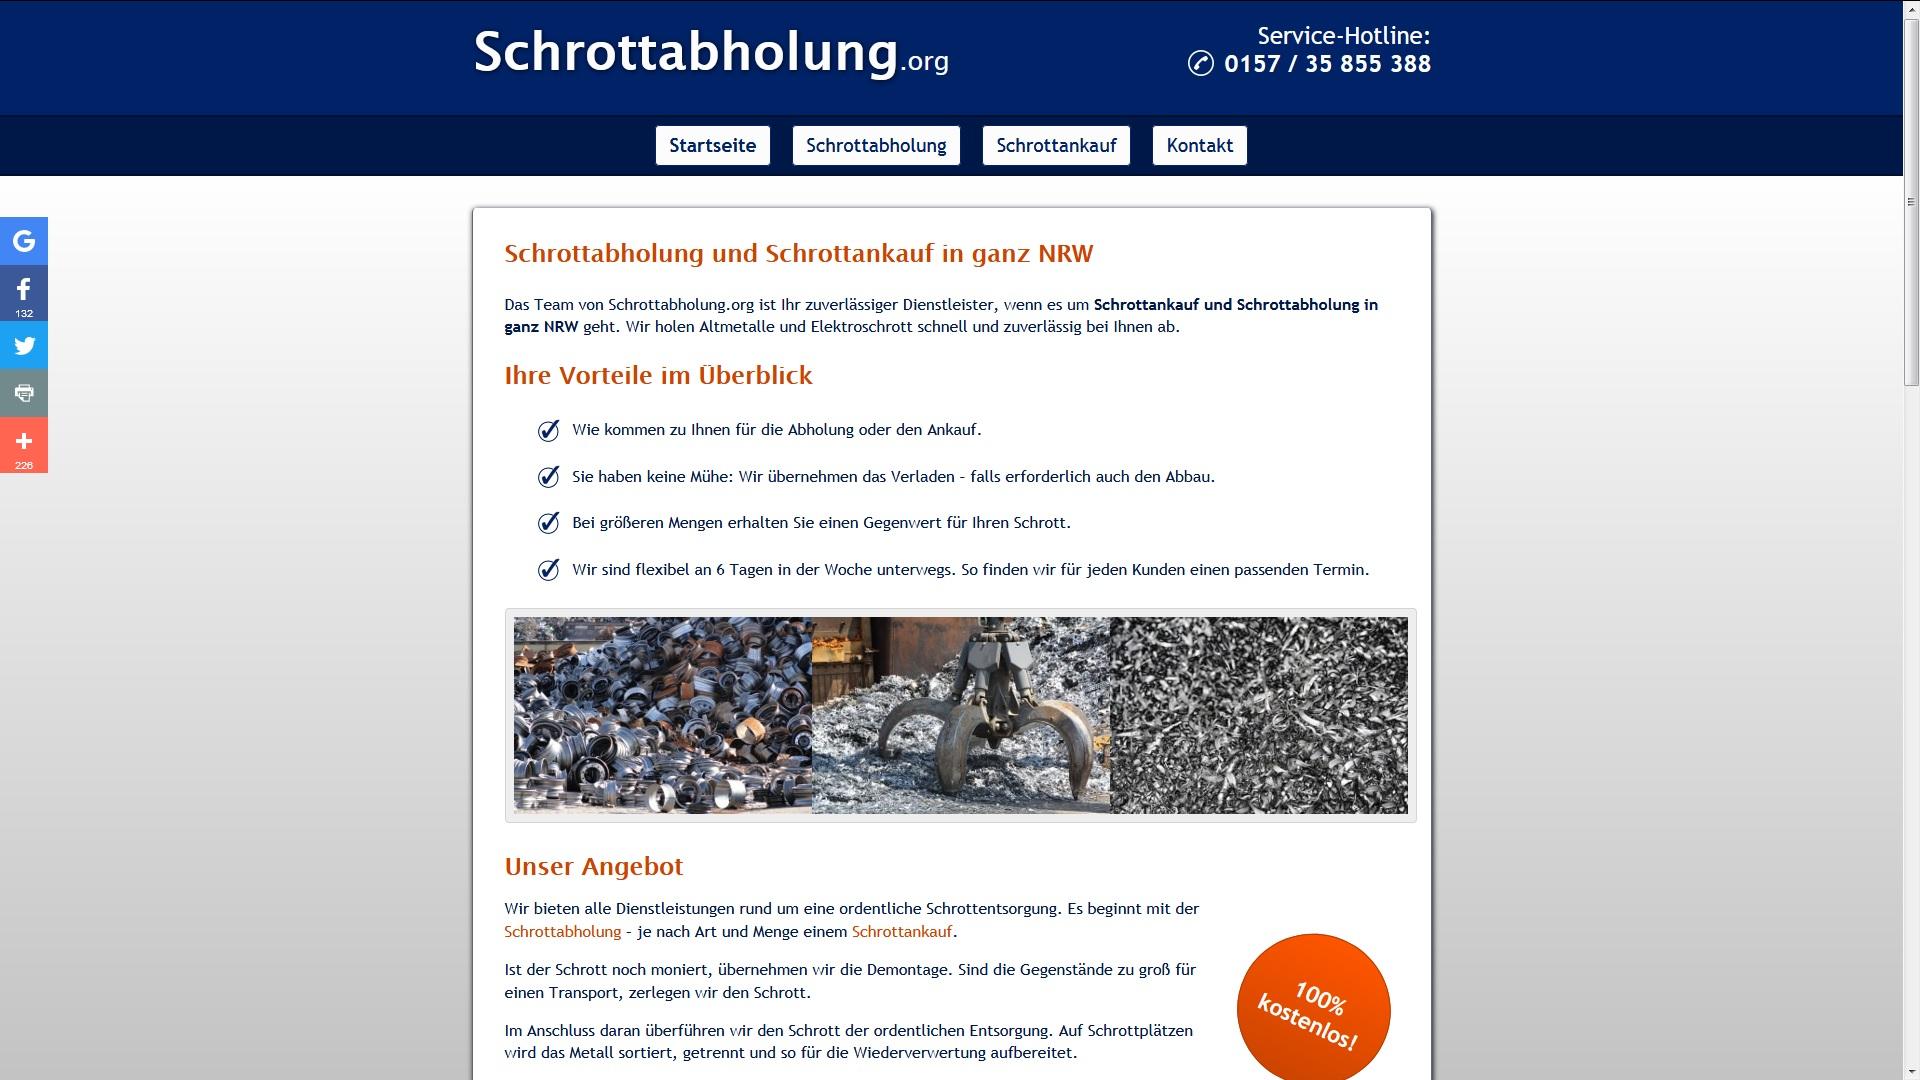 tradition und zukunft der schrottabholung in dinslaken und nrw - Tradition und Zukunft der Schrottabholung in Dinslaken und NRW